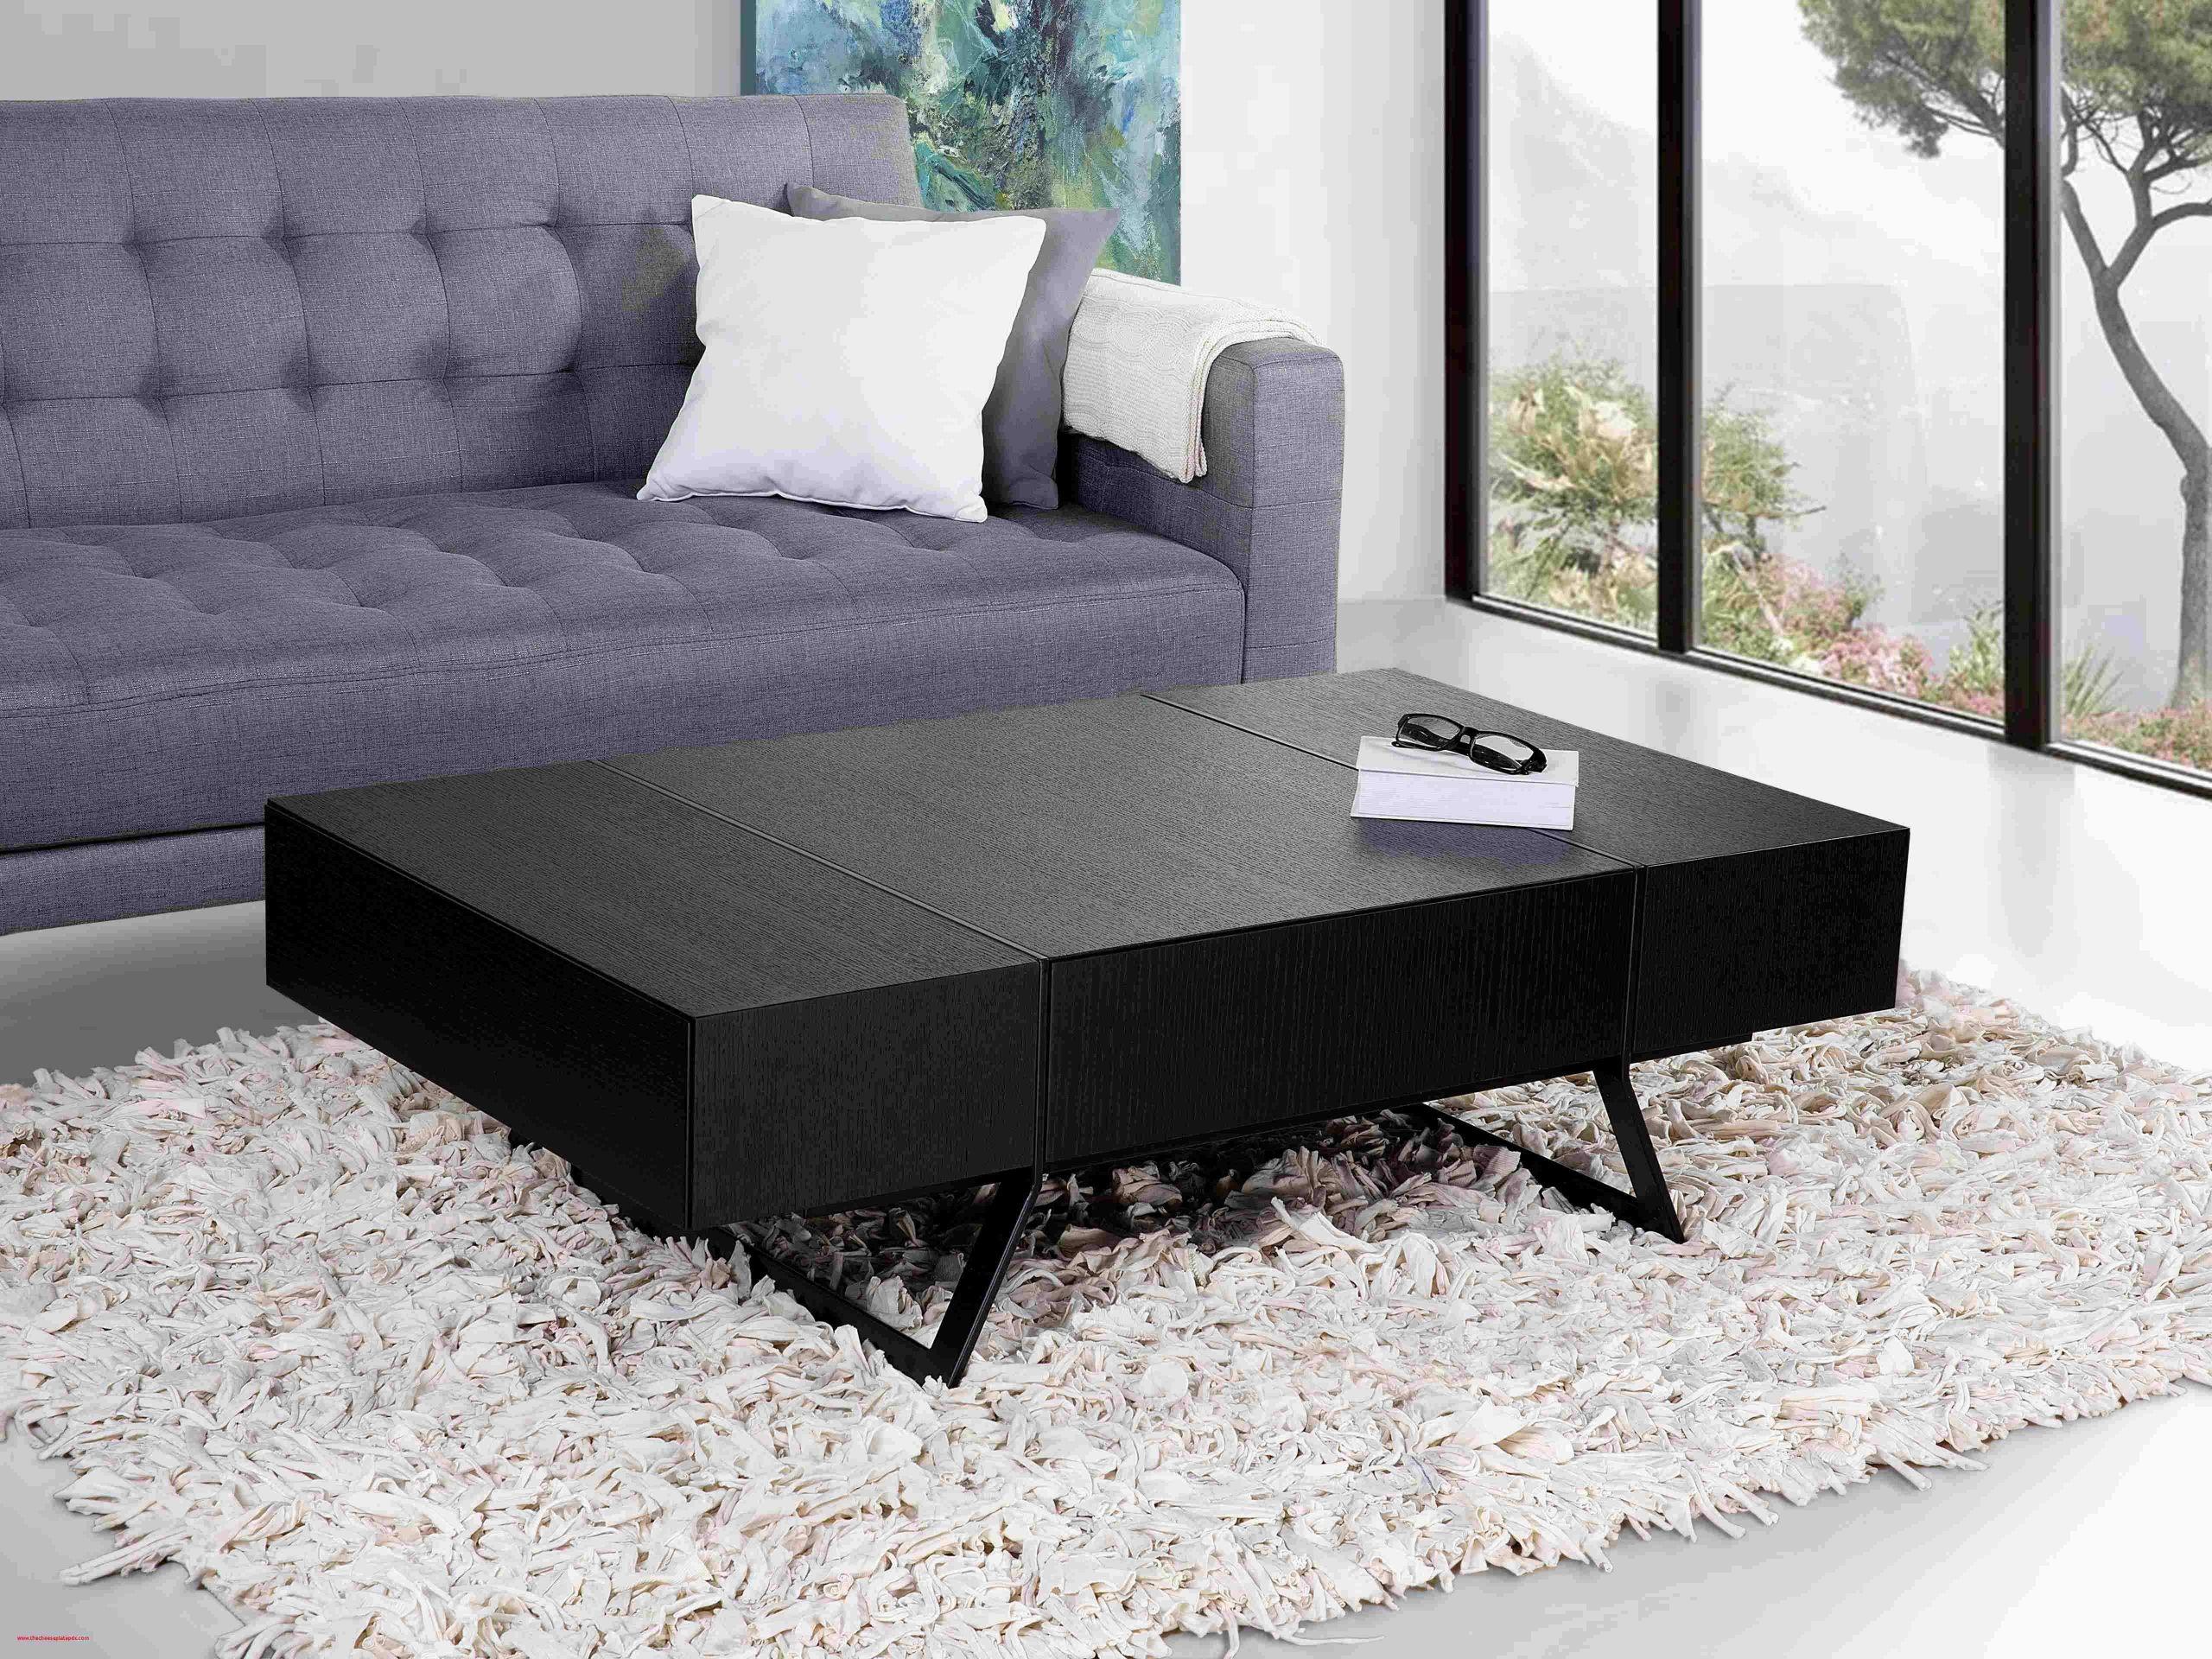 wohnzimmer kaufen reizend moderne garten lounge awesome terrasse sofa awesome bequeme of wohnzimmer kaufen